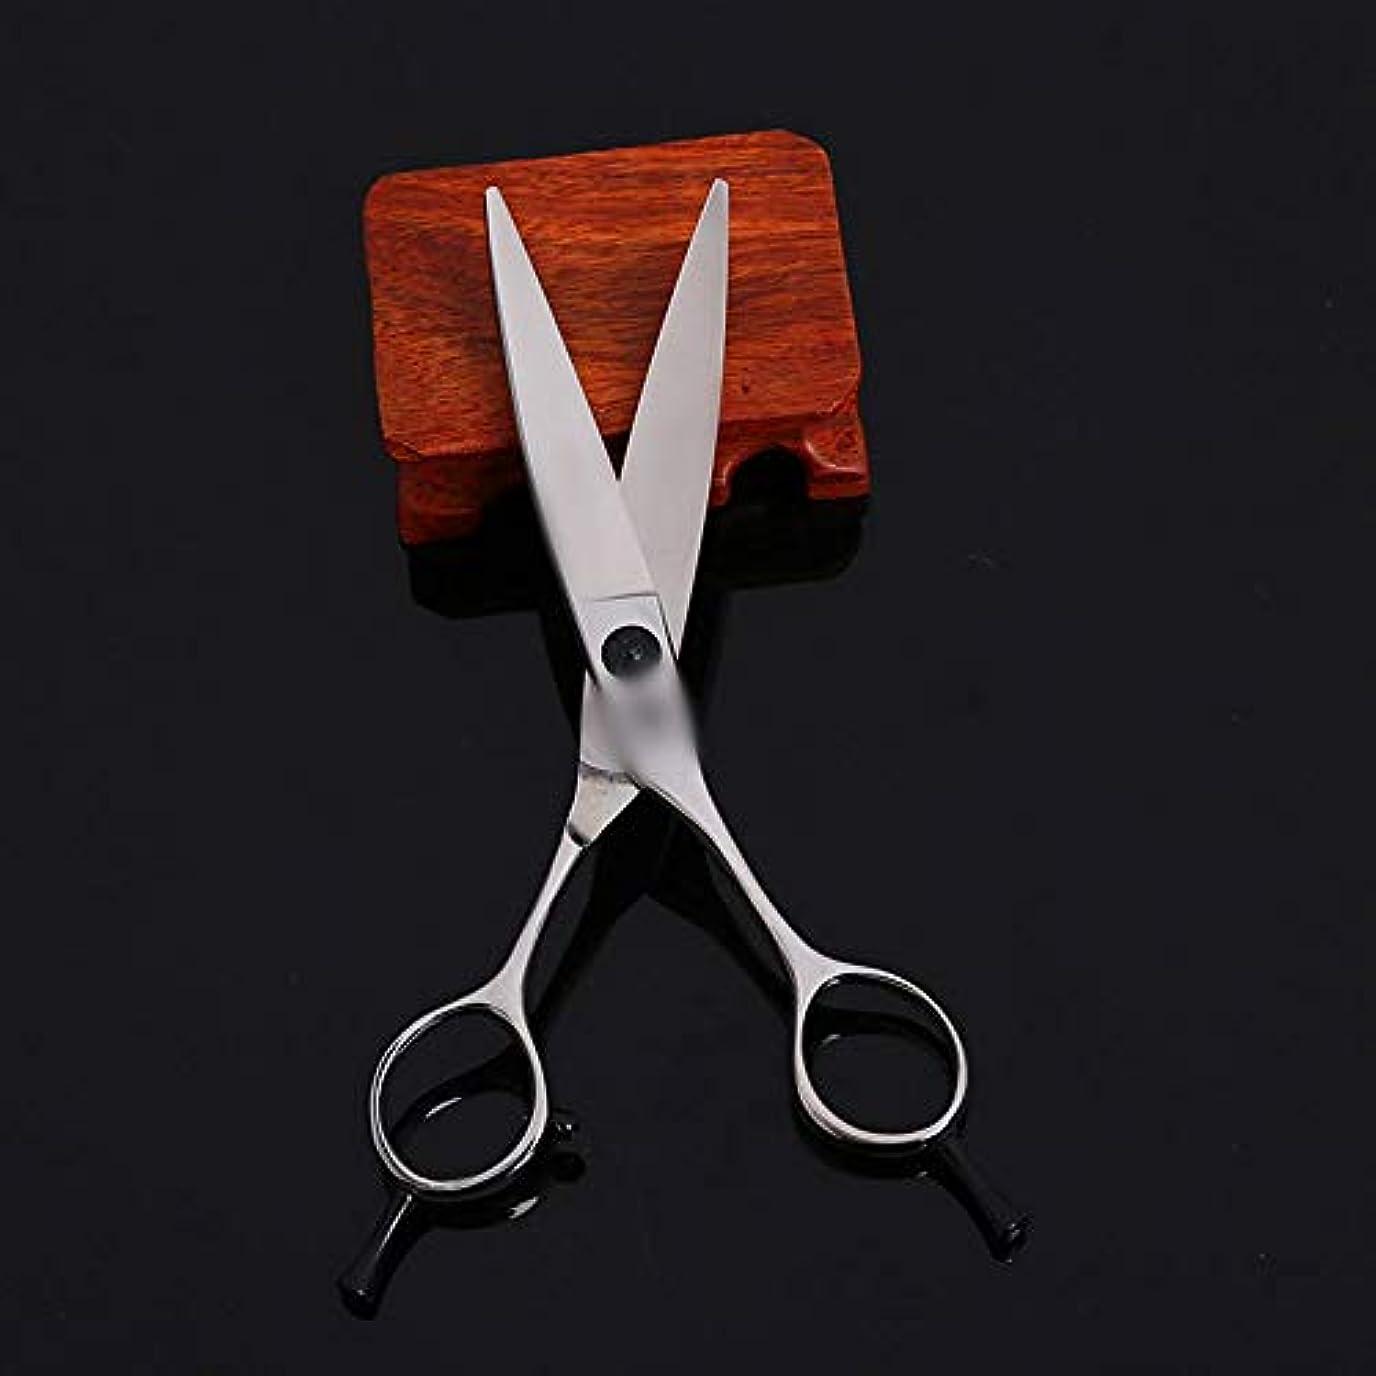 十残るぐるぐる6インチ美容院プロフェッショナル理髪はさみハイエンド理髪ツールカーリングはさみ モデリングツール (色 : Silver)